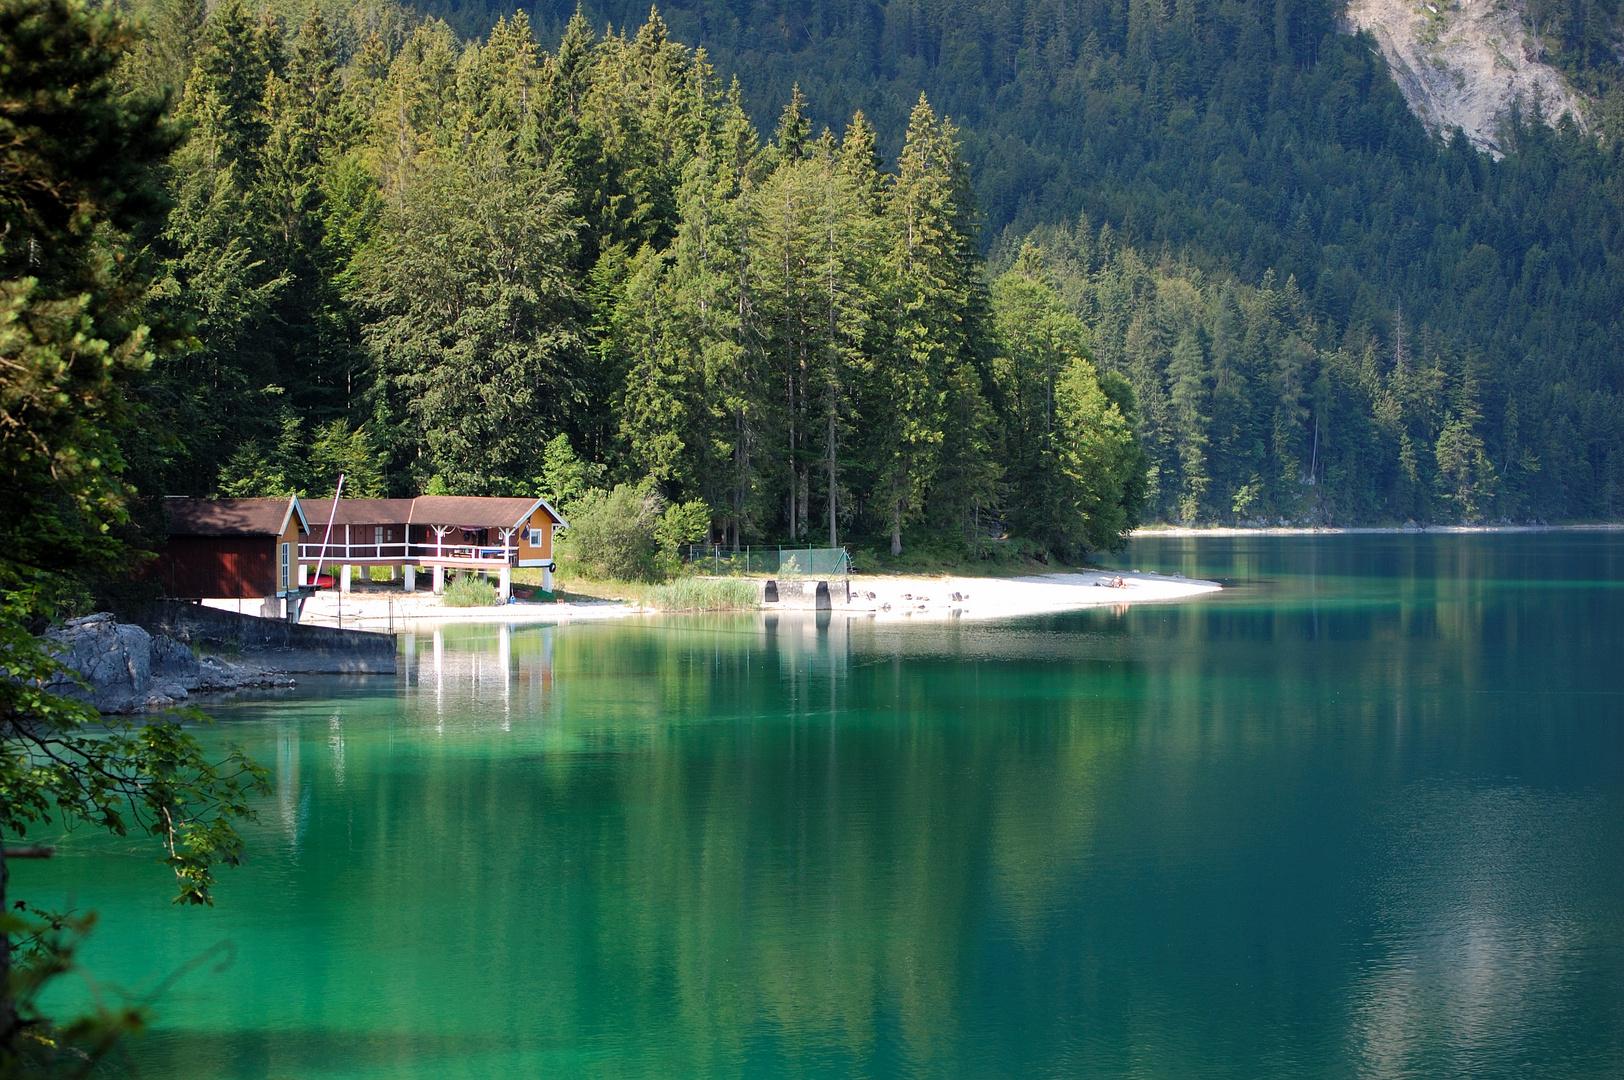 wunderschöner grüner See